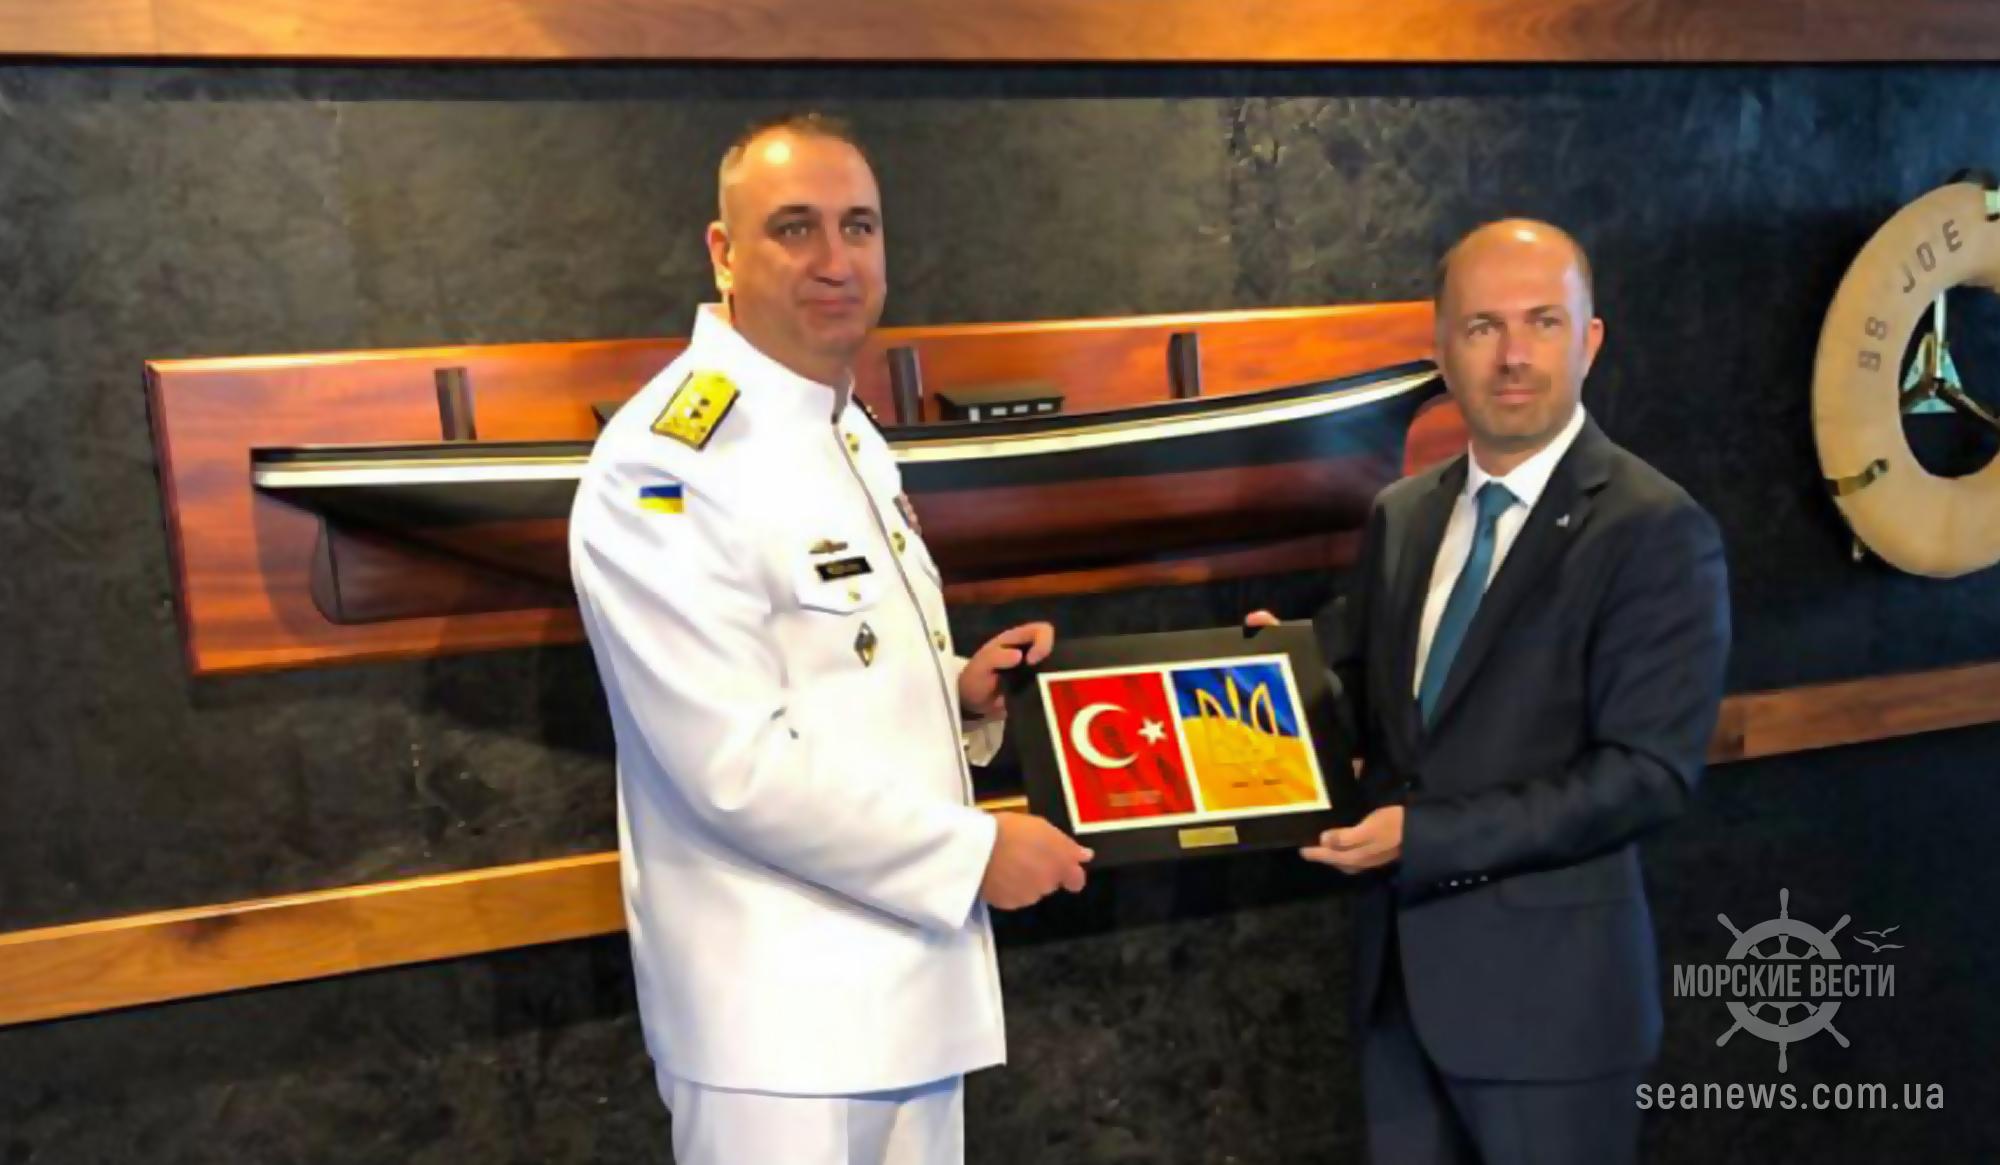 В Стамбуле торжественно заложили корпус первого украинского корвета типа ADA